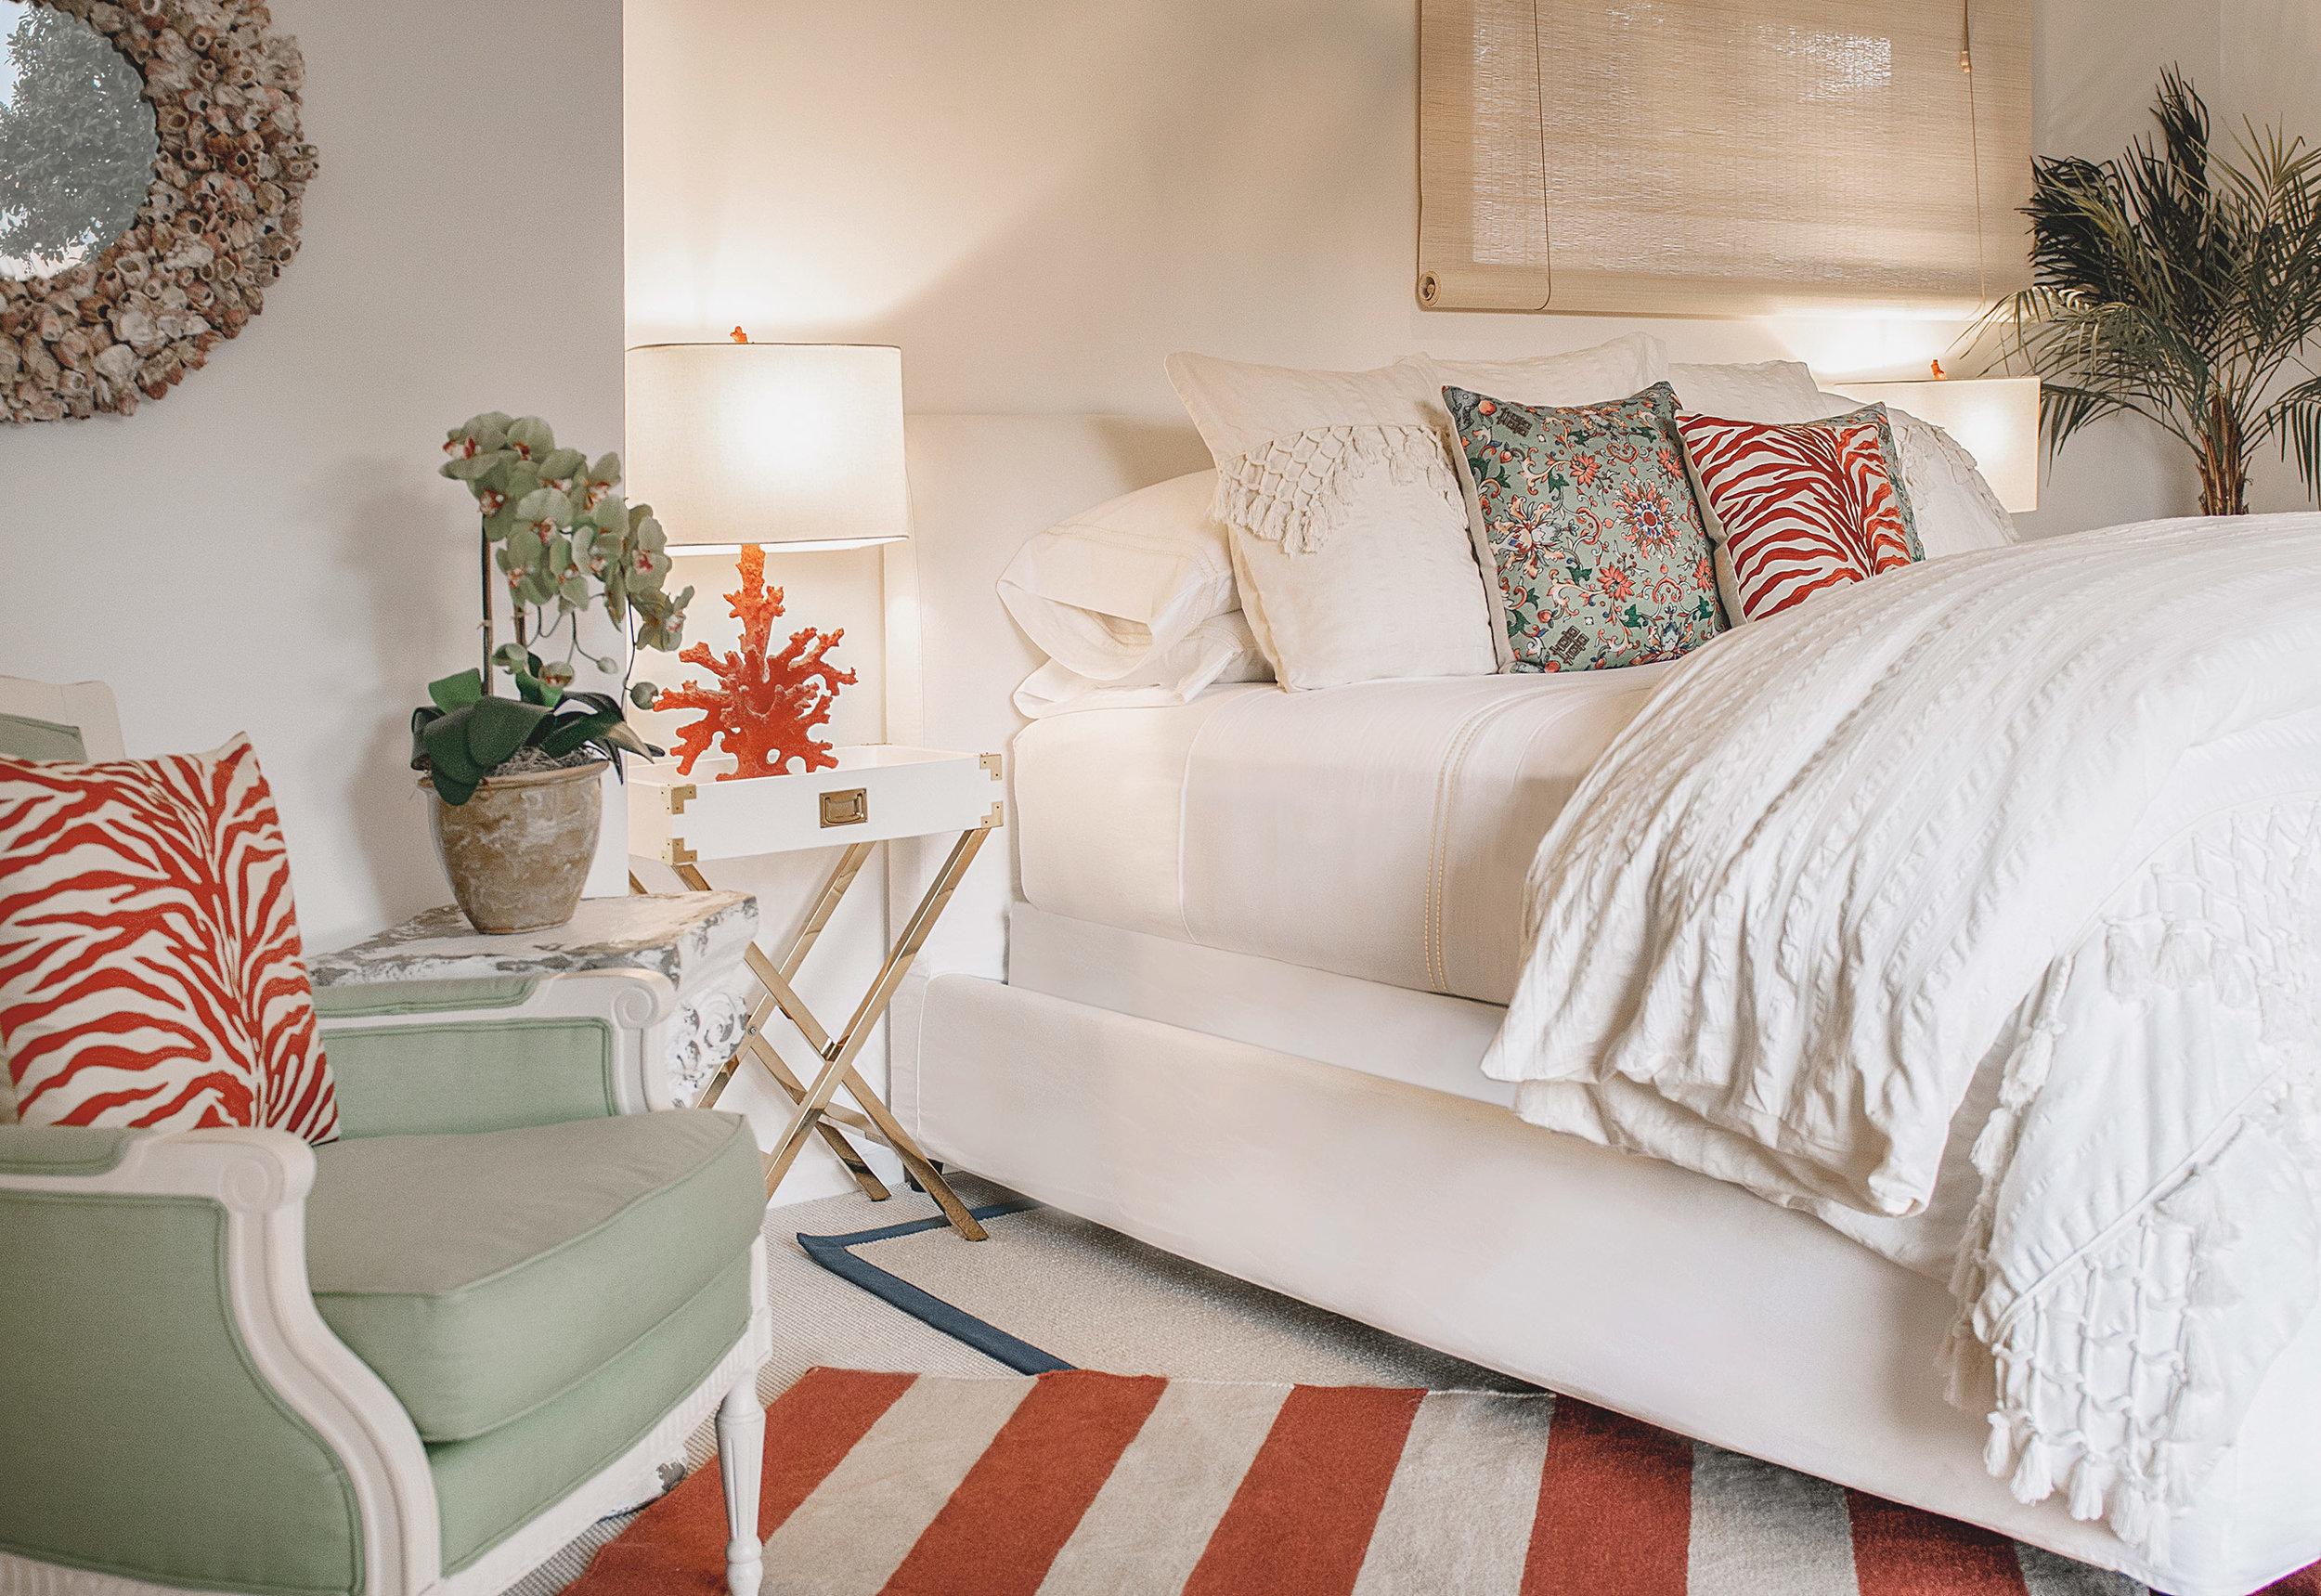 Barellen-8-Bedroom-2-Guest-King-DSC_6761.jpg